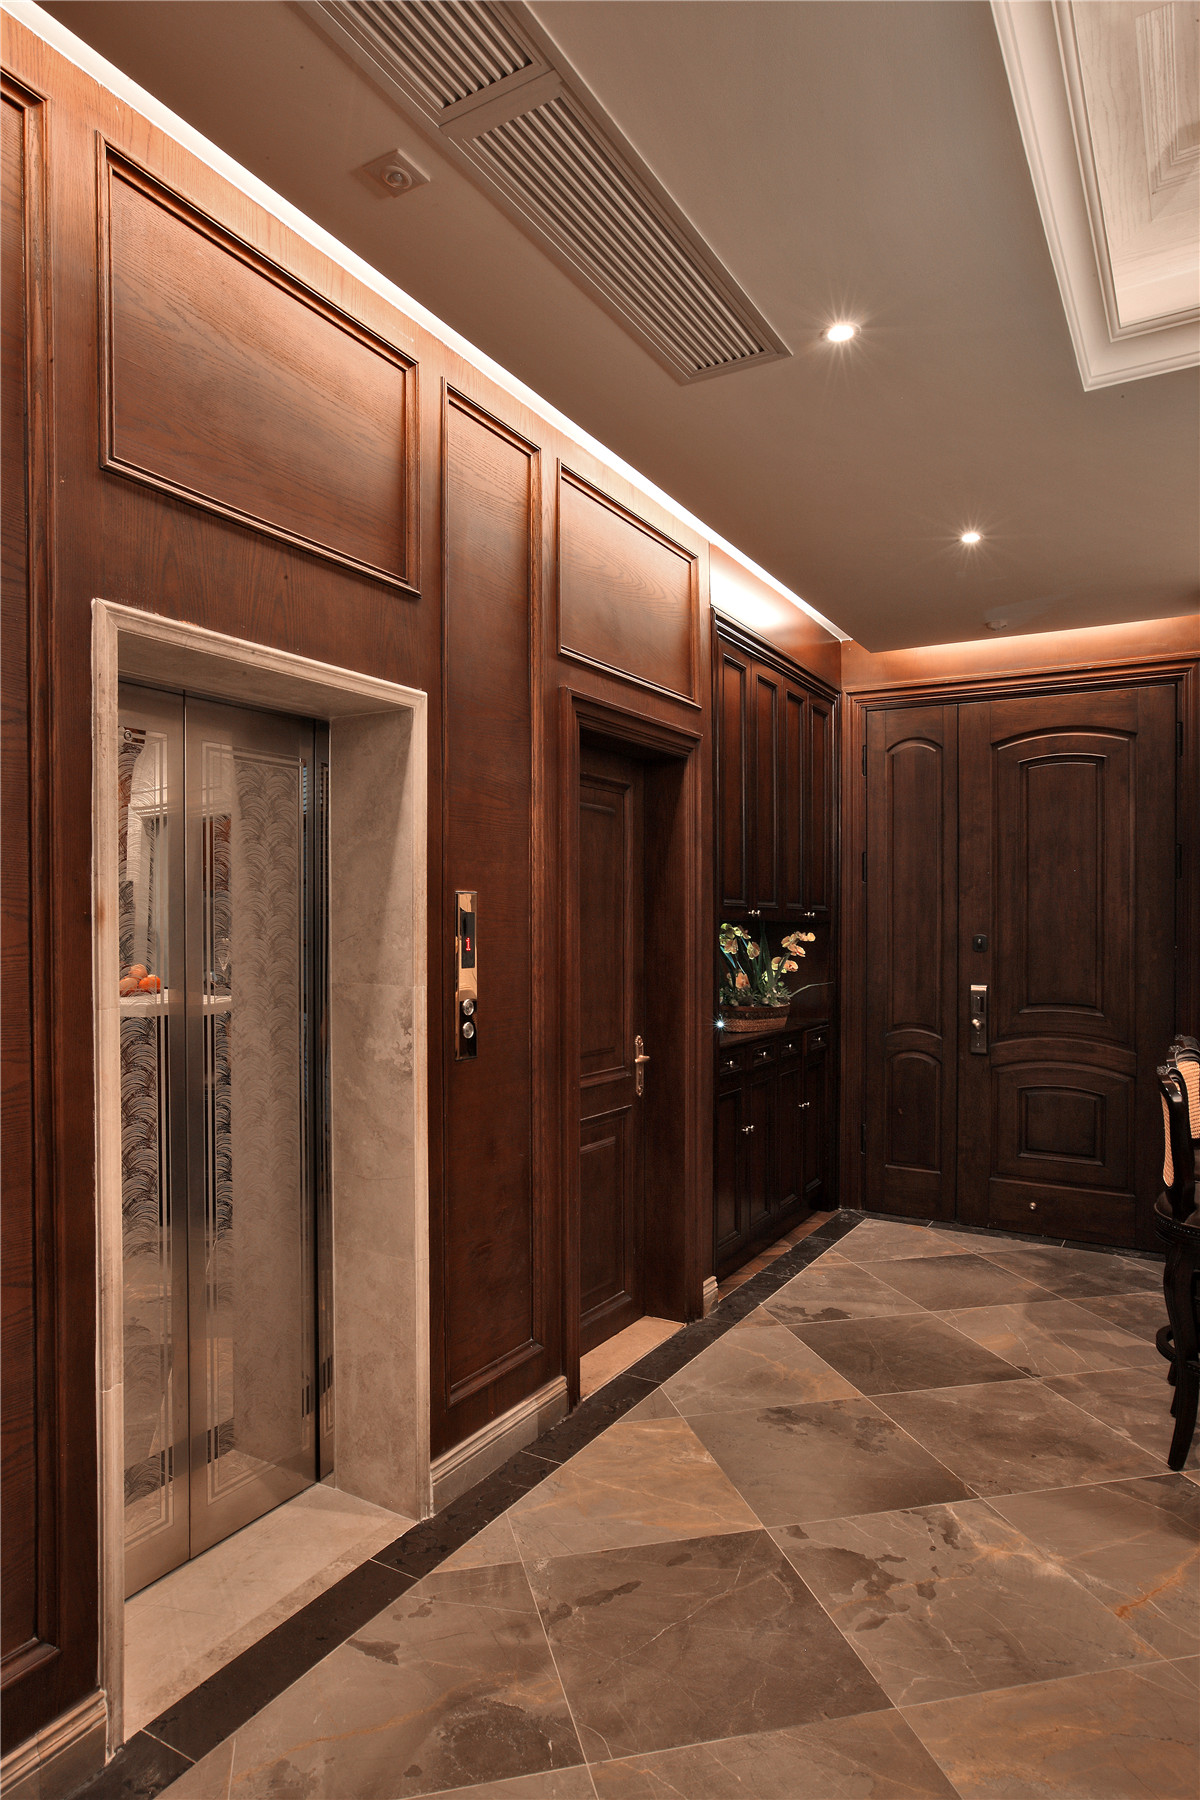 欧式 别墅 其他图片来自名雕在水榭山欧式风格700平别墅装修的分享